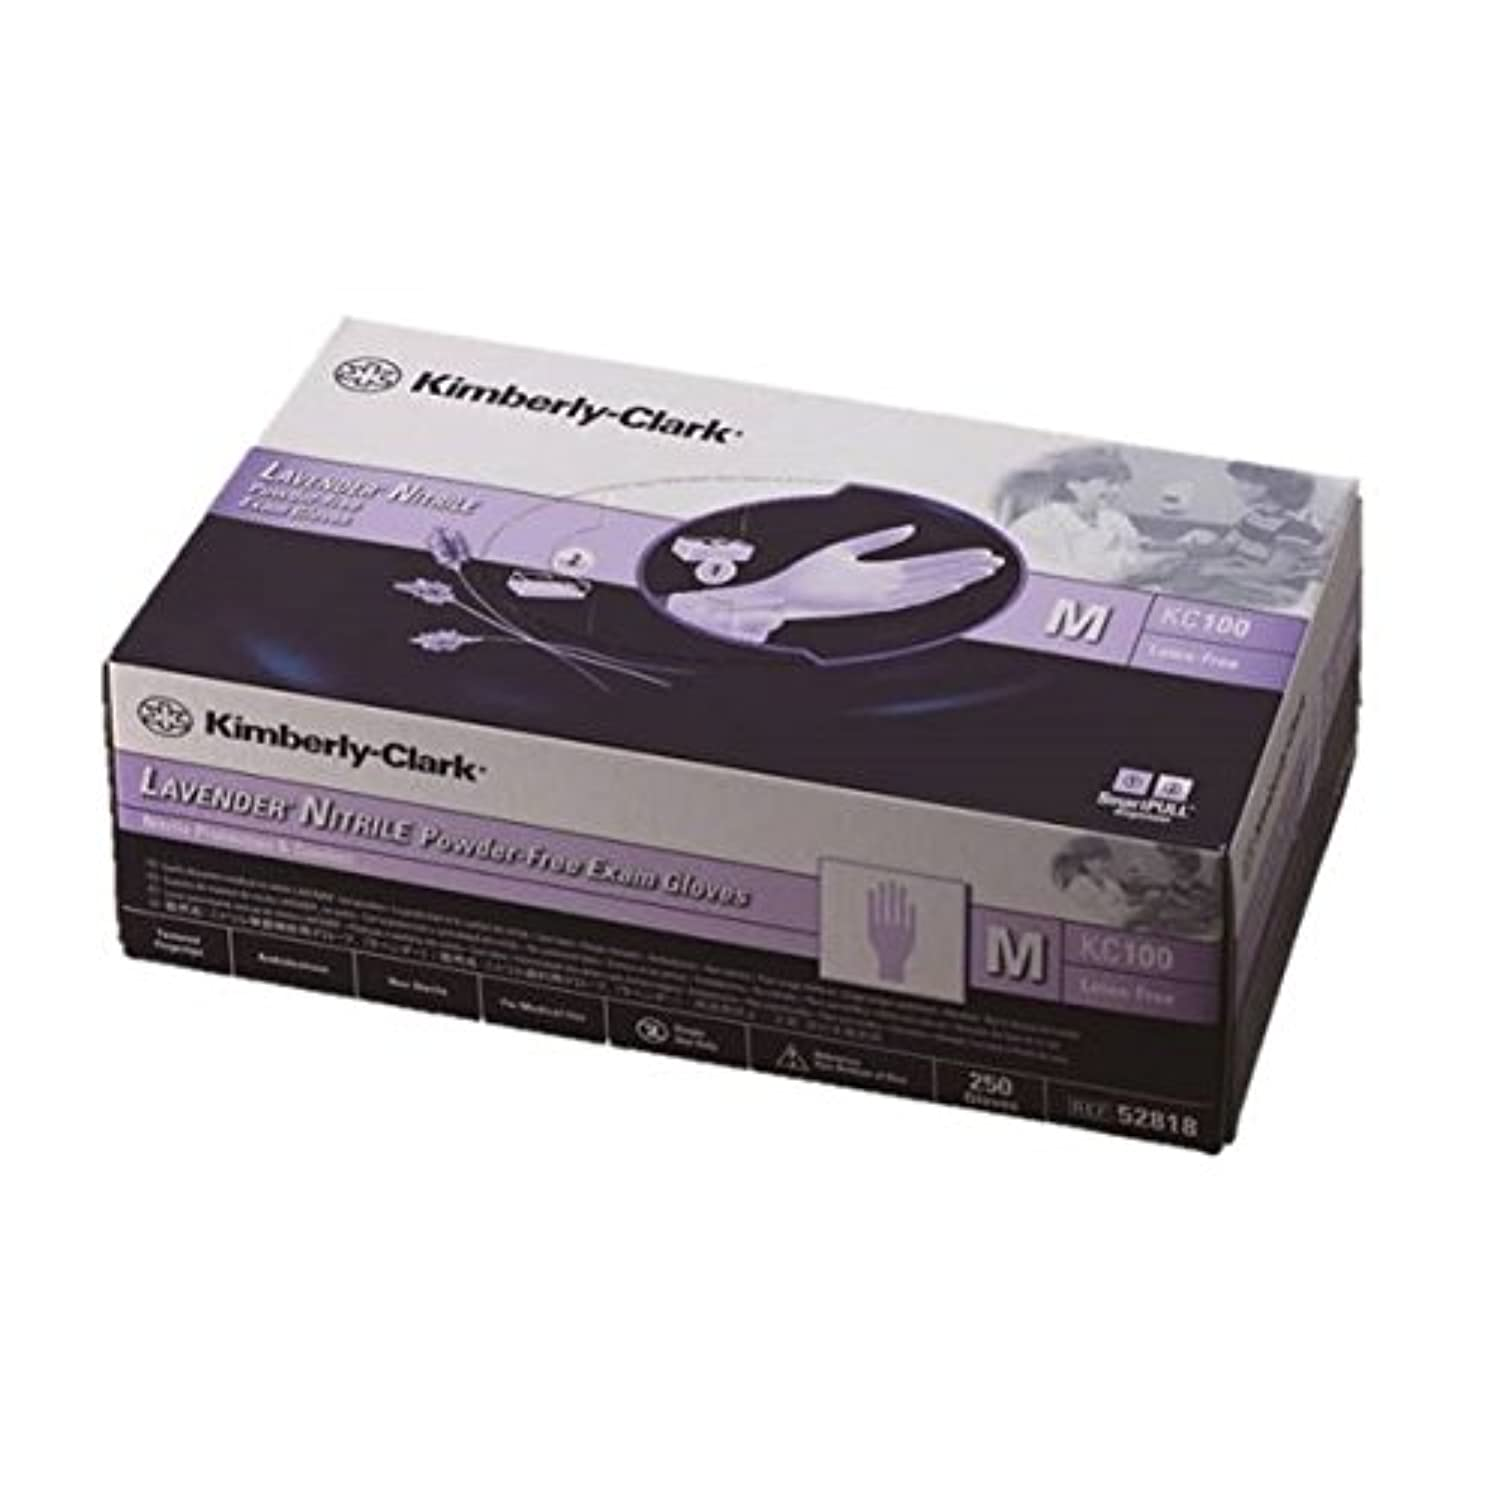 バット西問題ラベンダー ニトリル グローブ 10 箱